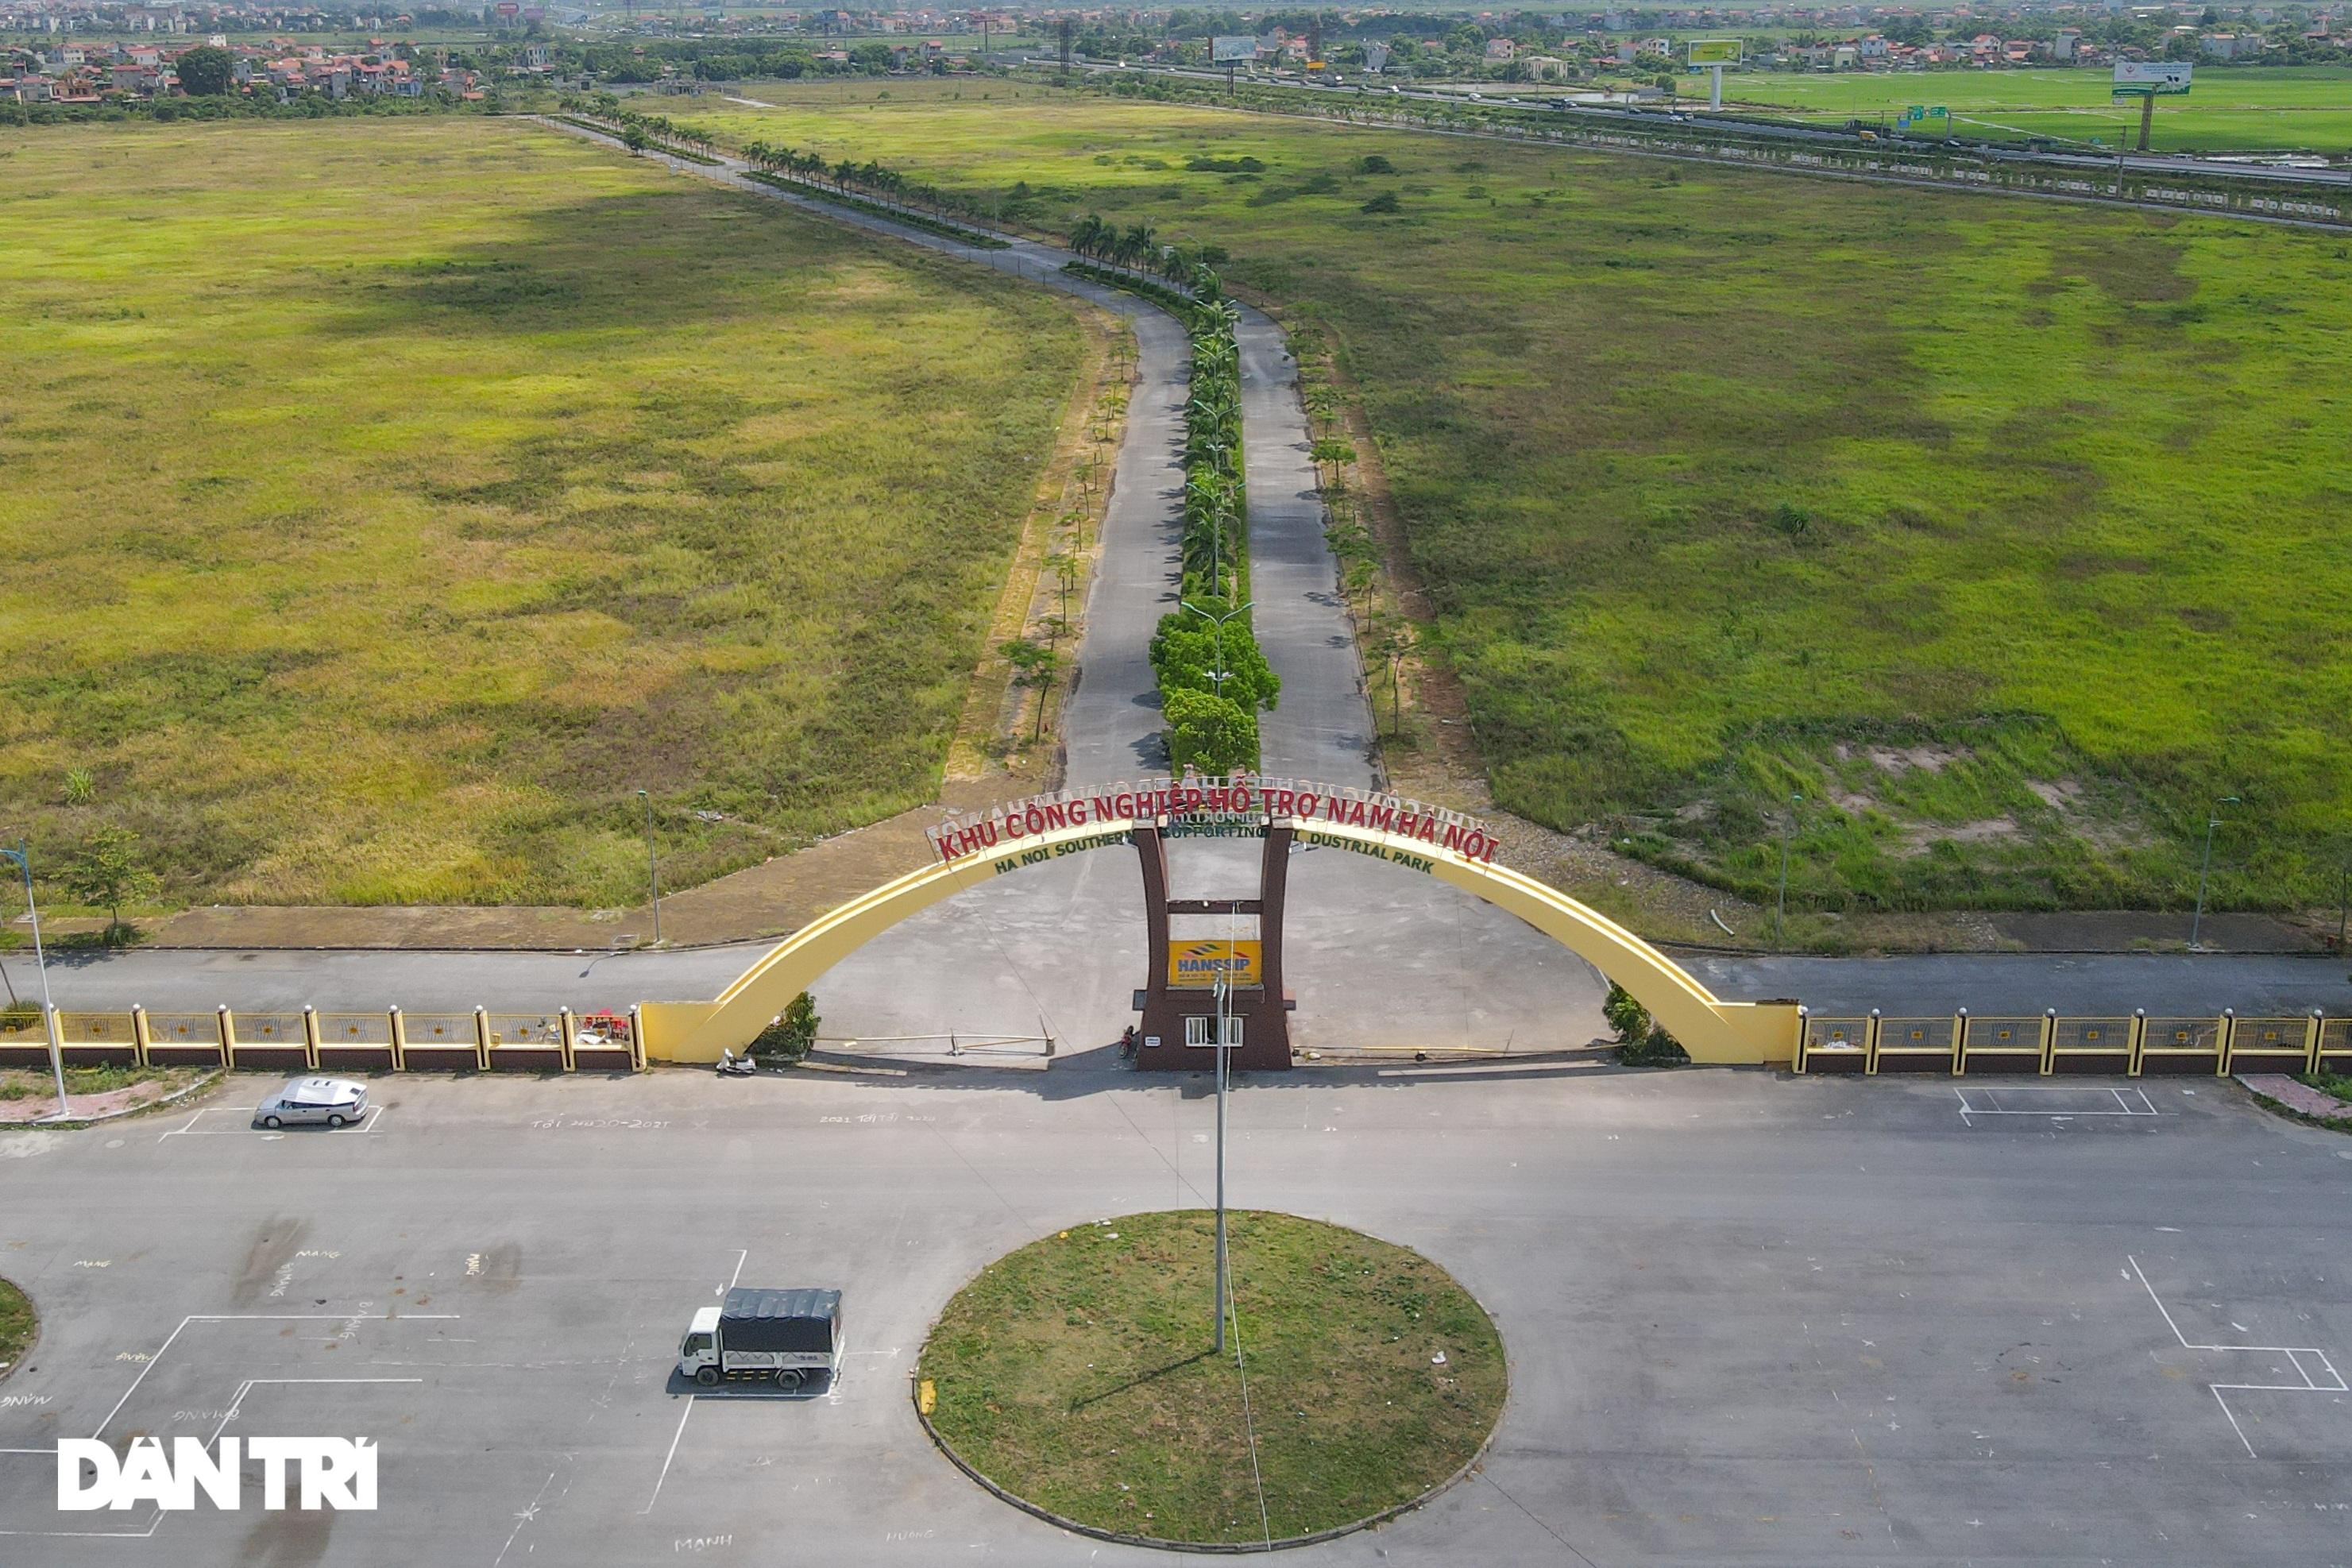 Hiện trạng những khu công nghiệp ở ngoại thành Hà Nội - 1